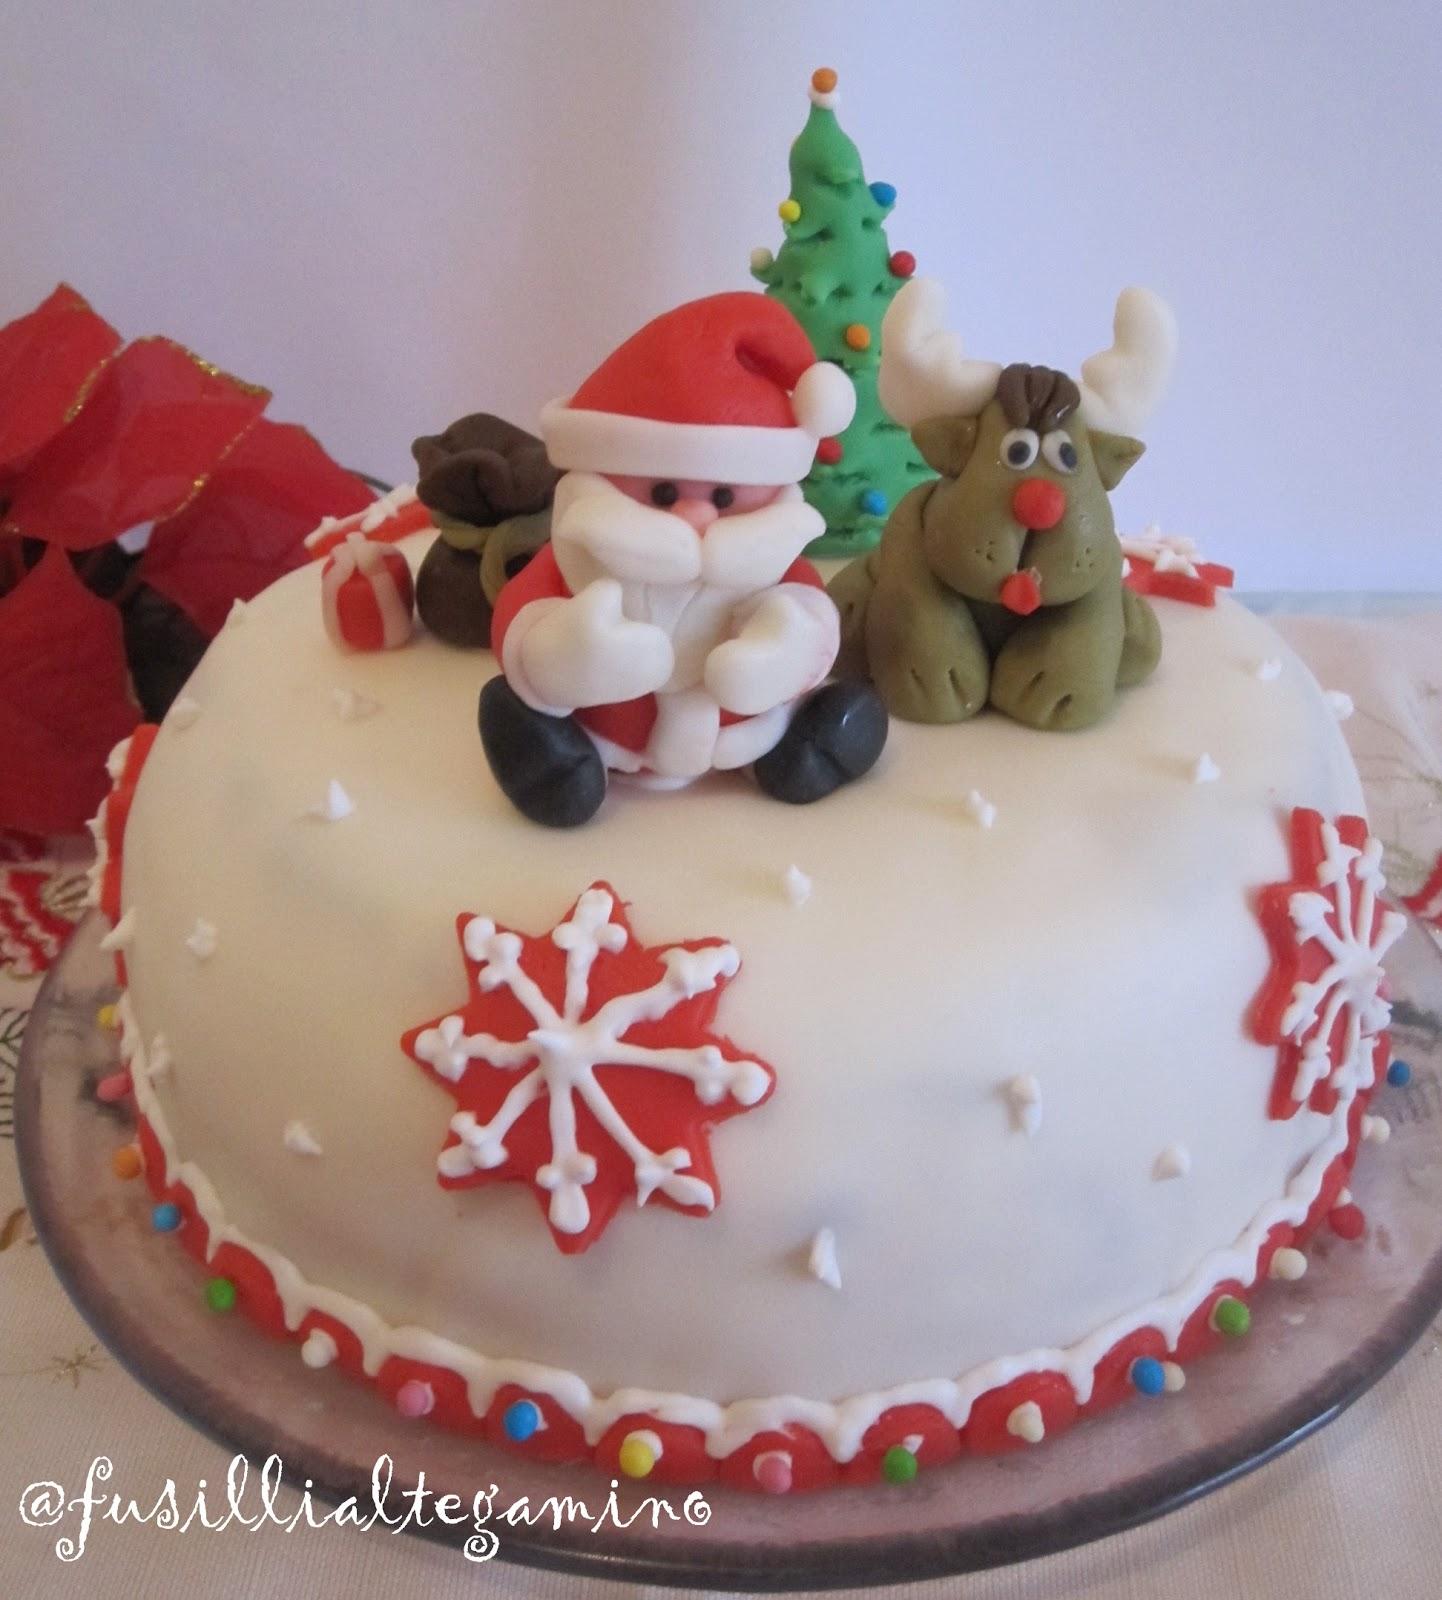 Fusillialtegamino torta babbo natale e renna in pdz - Decorazioni torte natale ...